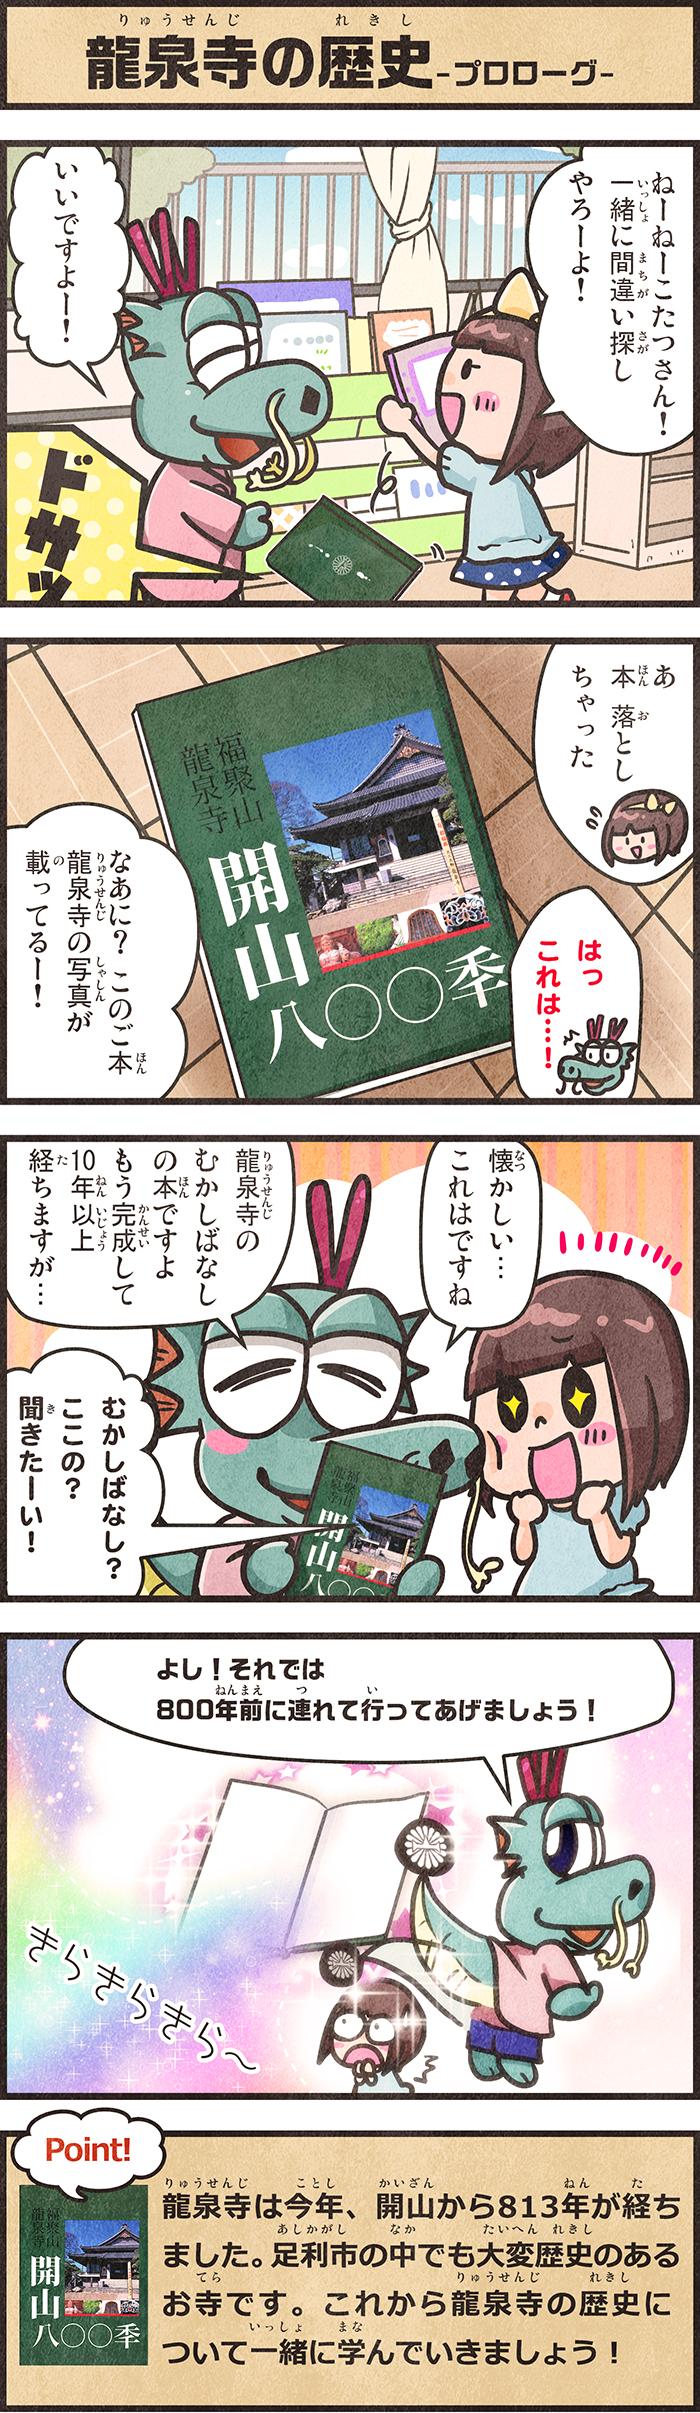 180509_kotatsu_4koma_29